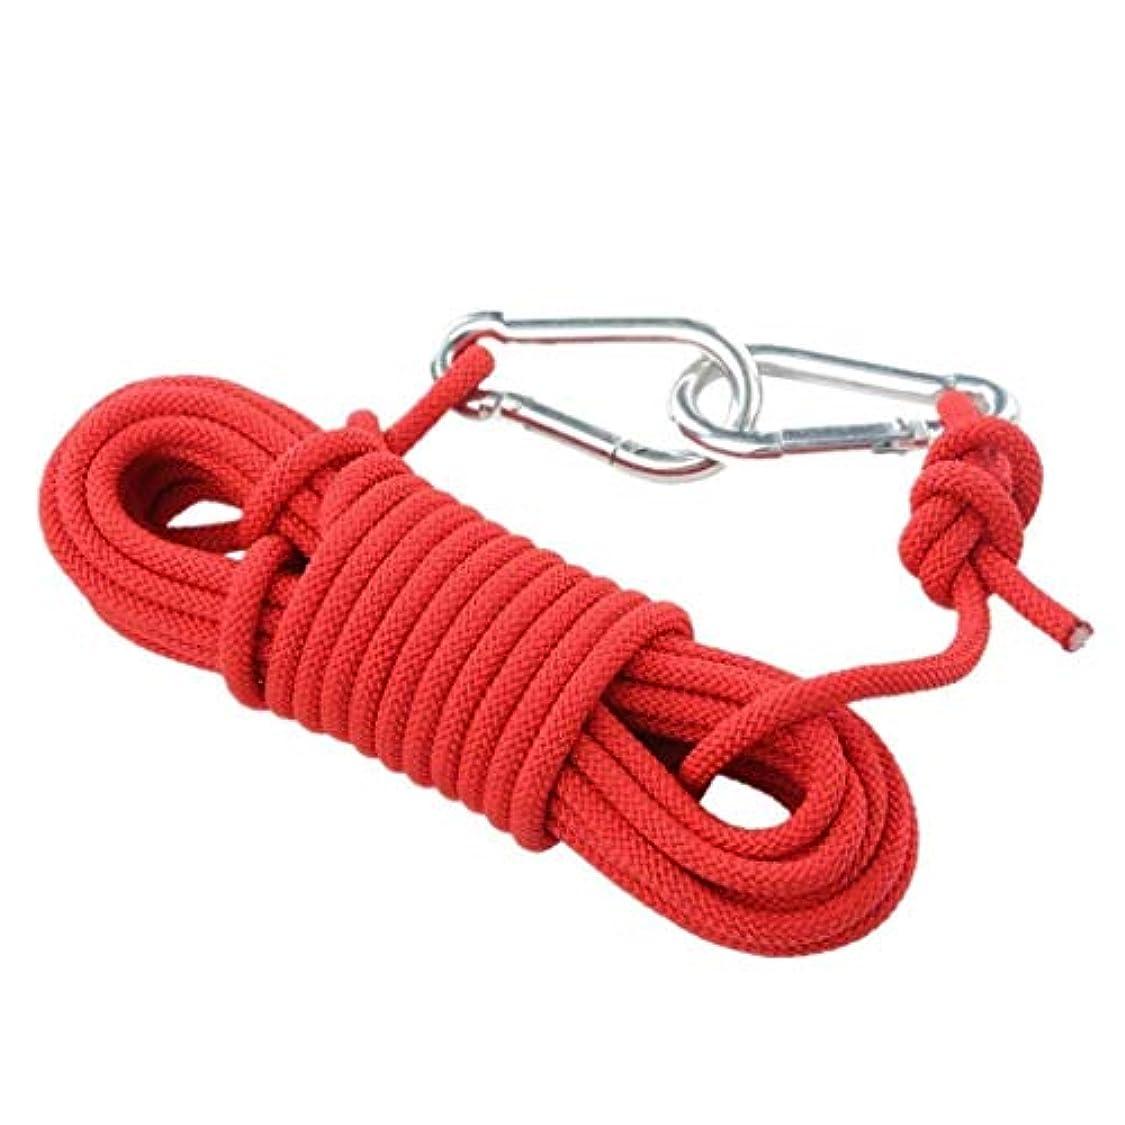 マインドフル正当な政治的登山ロープの家の火の緊急脱出ロープ、ハイキングの洞窟探検のキャンプの救助調査および工学保護のための多機能のコードの安全ロープ。 (Color : 赤, Size : 15m)